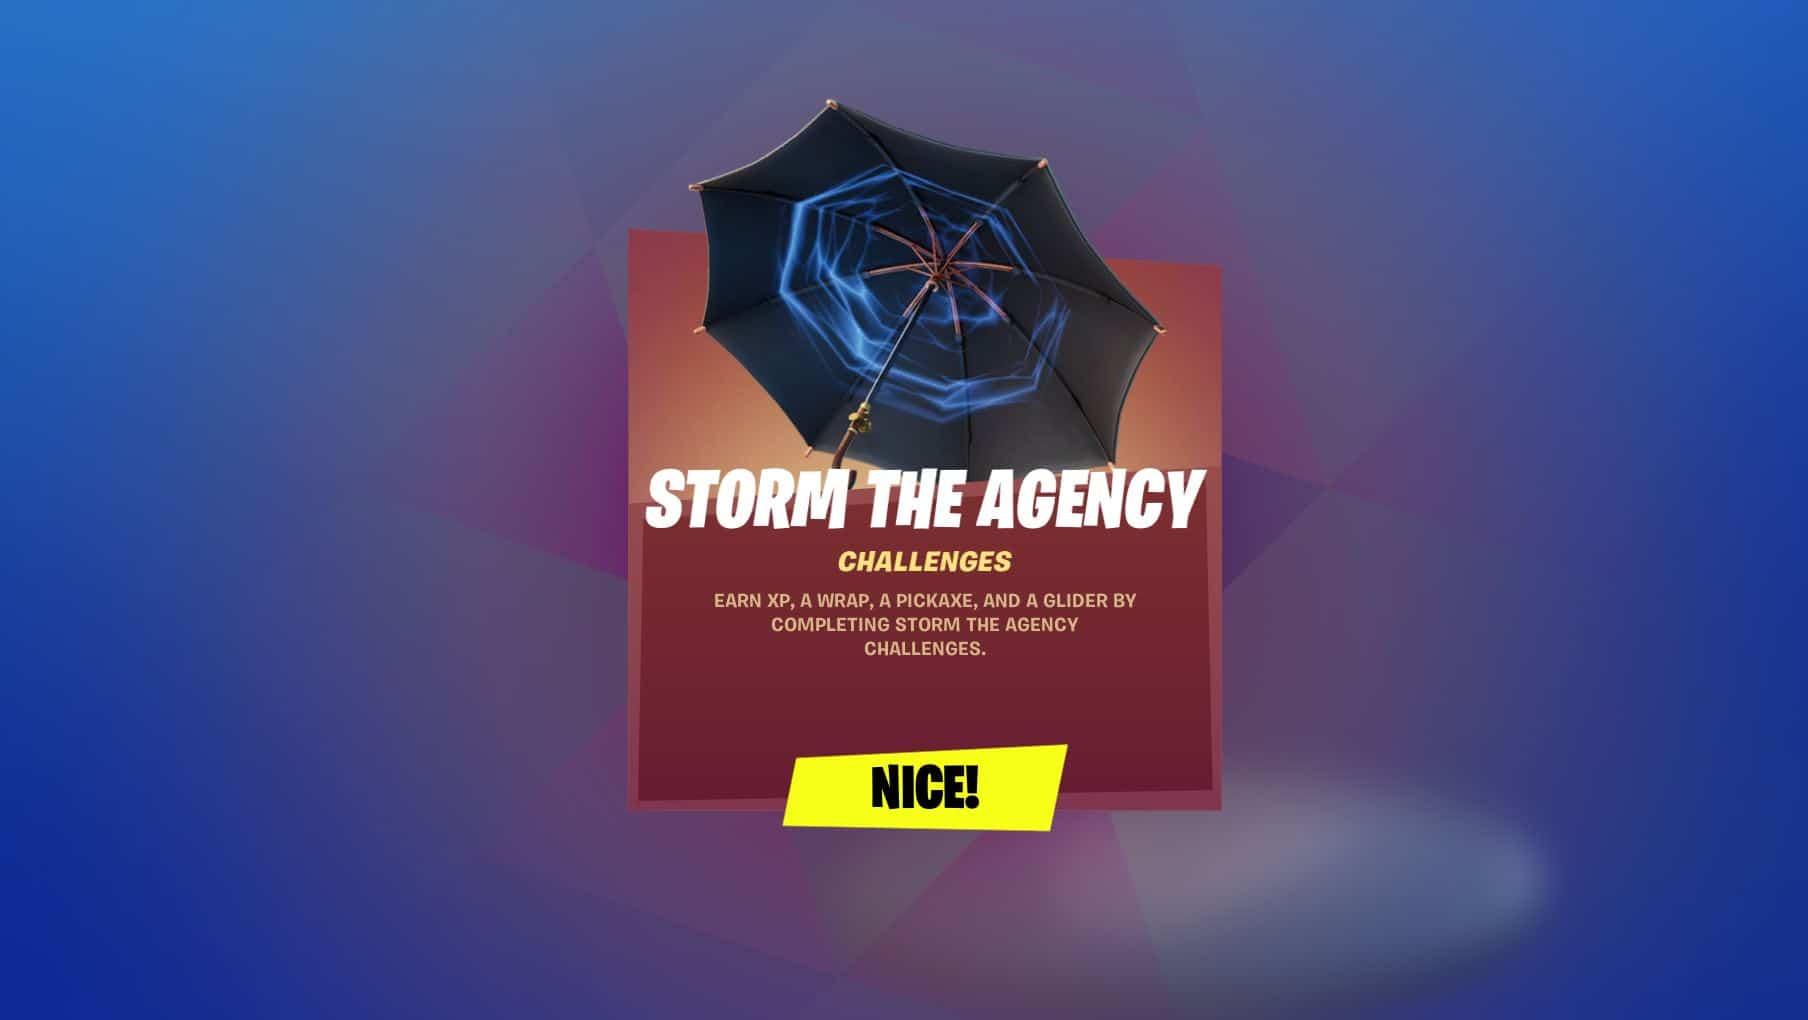 Stürme die Herausforderungen der Agentur